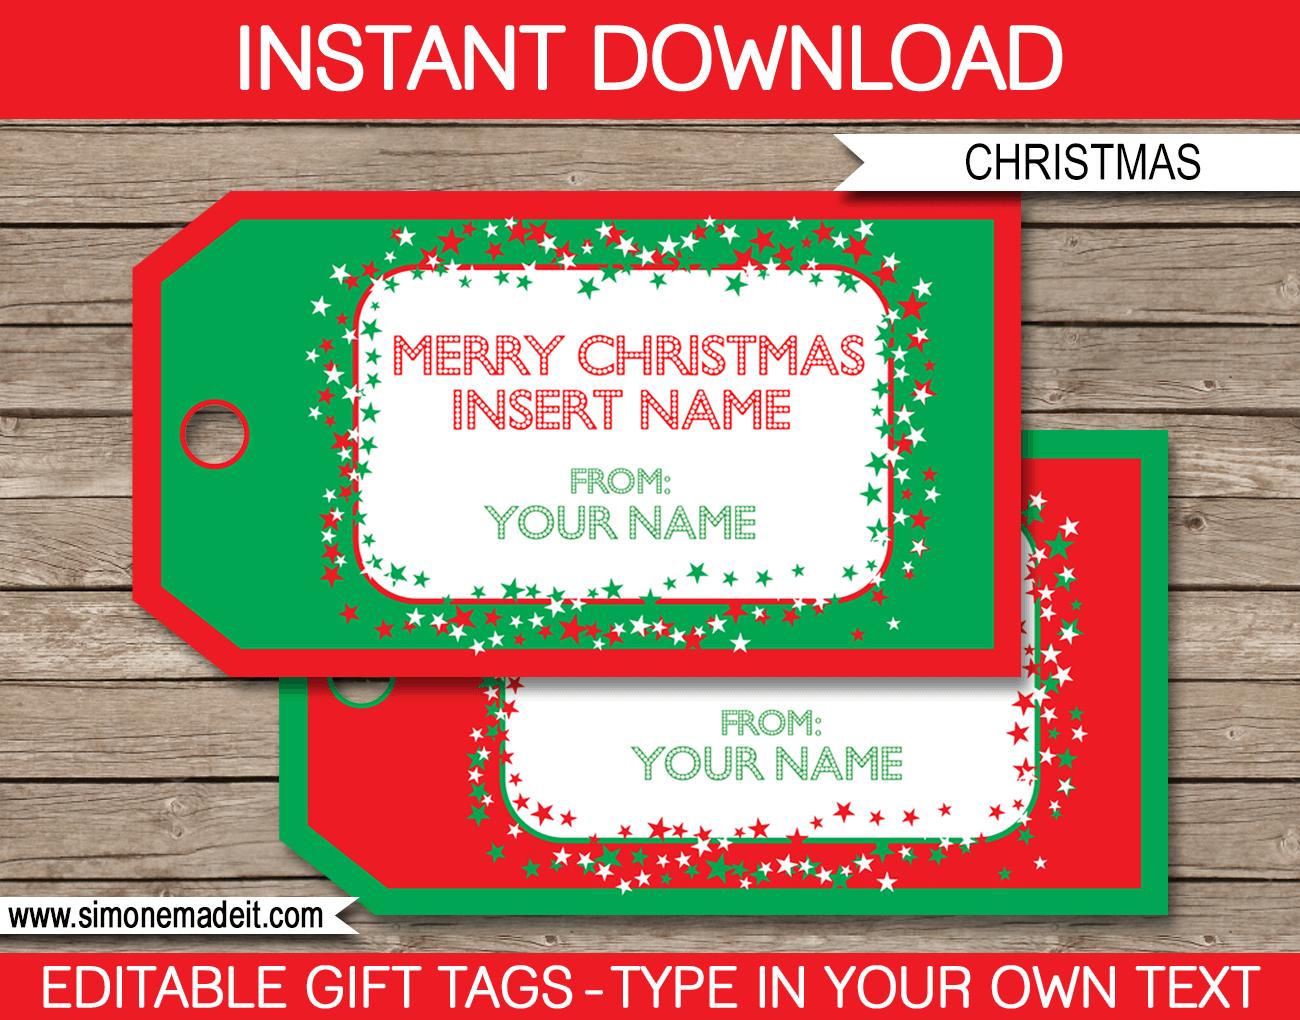 Christmas Gift Tag Template - Free Printable Editable Christmas Gift Tags